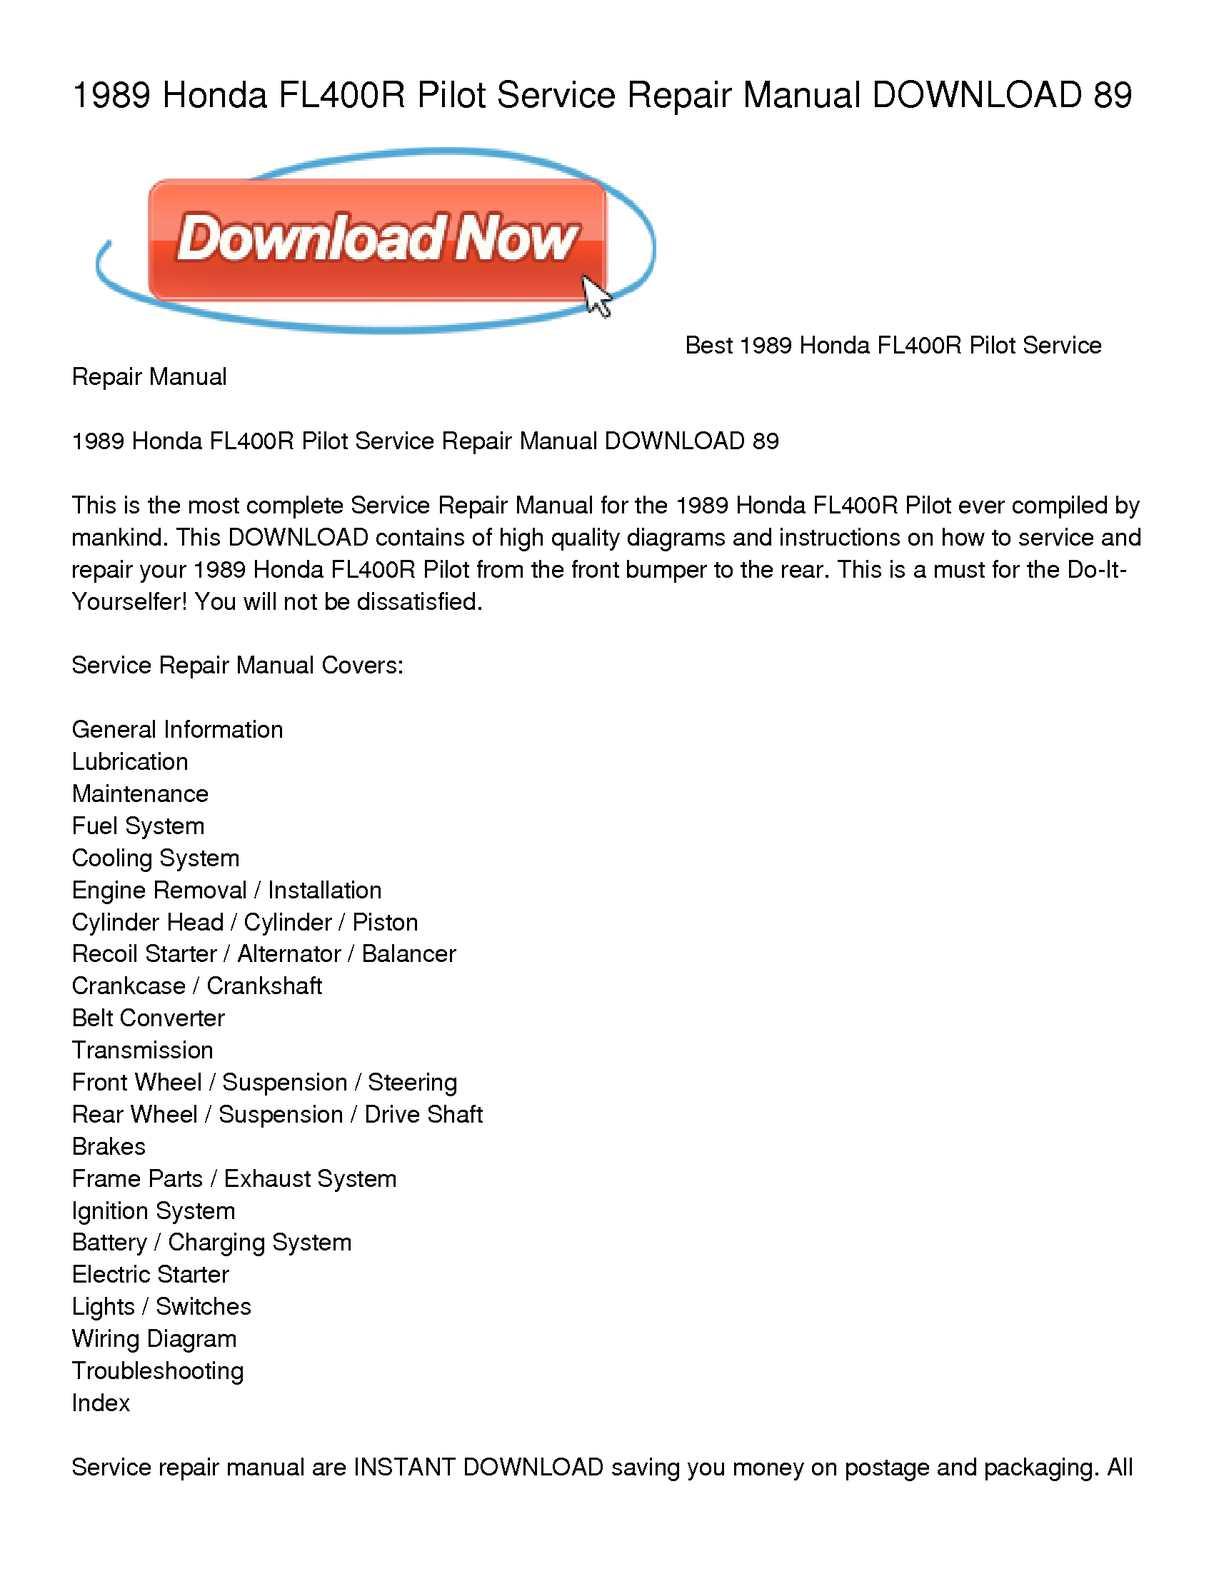 Calamo 1989 Honda Fl400r Pilot Service Repair Manual Download 89 Alternator Charging System Wiring Diagram